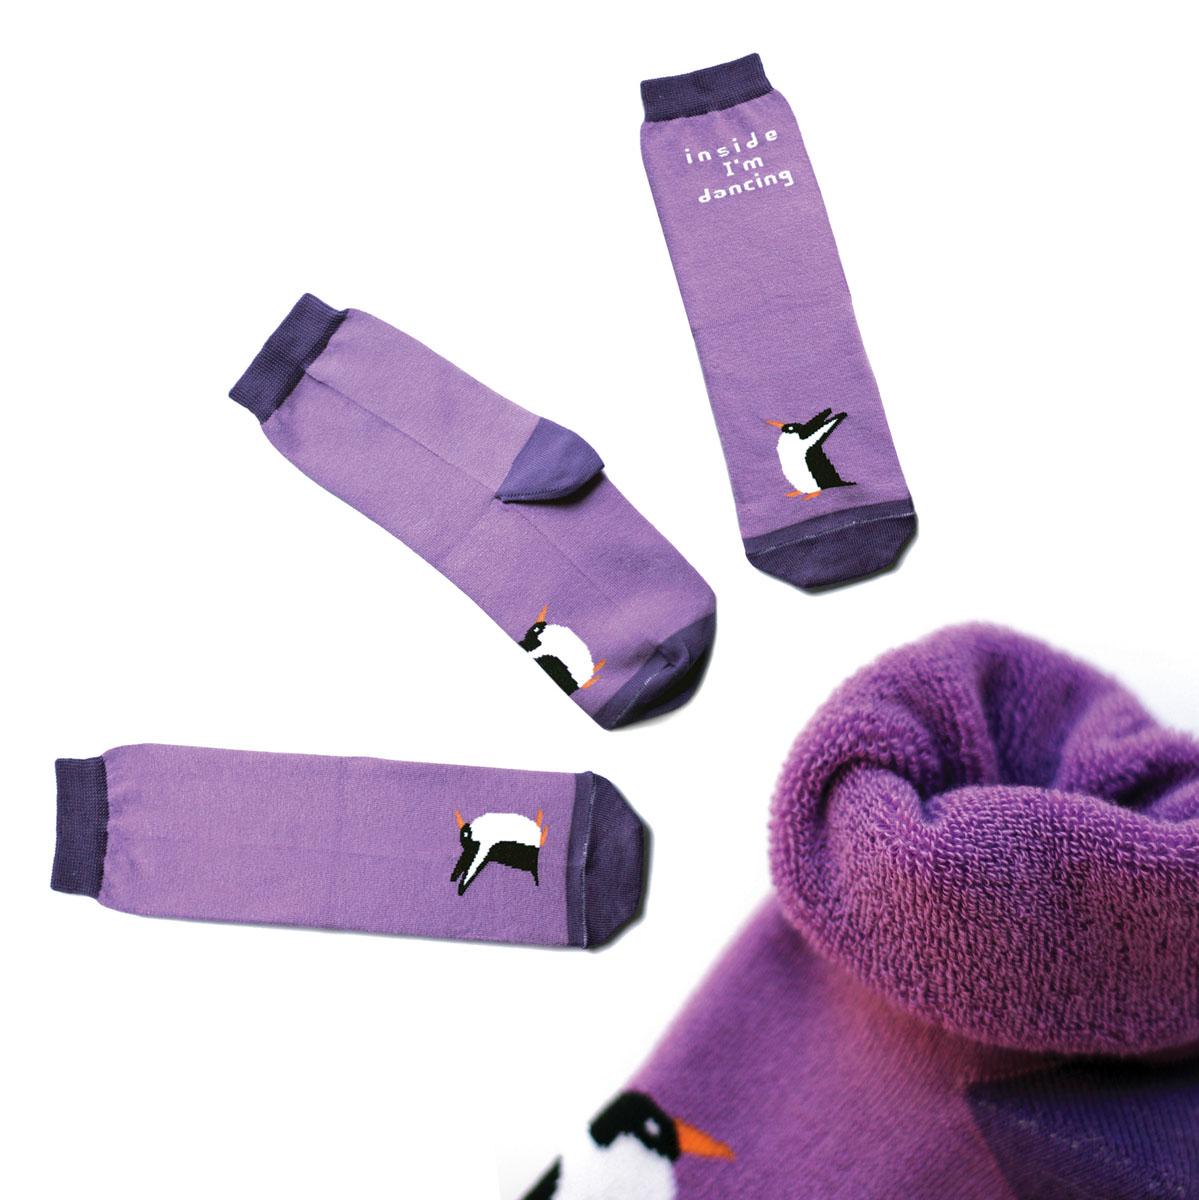 Носки мужские Big Bang Socks Пингвин, махровые, цвет: сиреневый, фиолетовый. a173. Размер 40/44 носки мужские big bang socks муха махровые цвет зеленый a143 размер 40 44